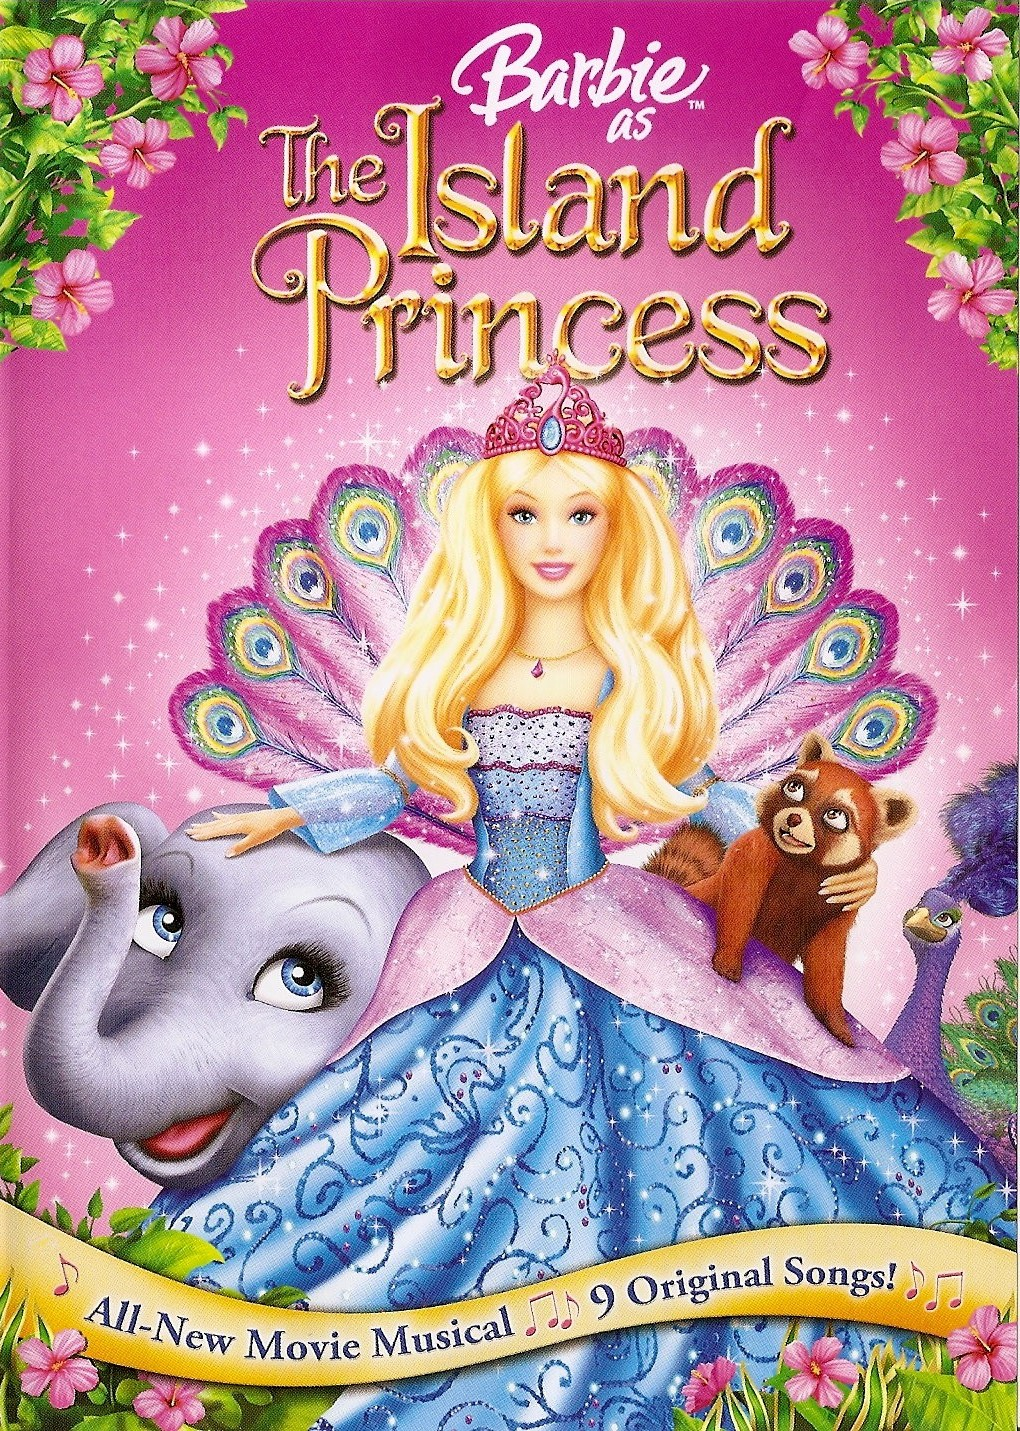 The girl next door: Barbie movies: